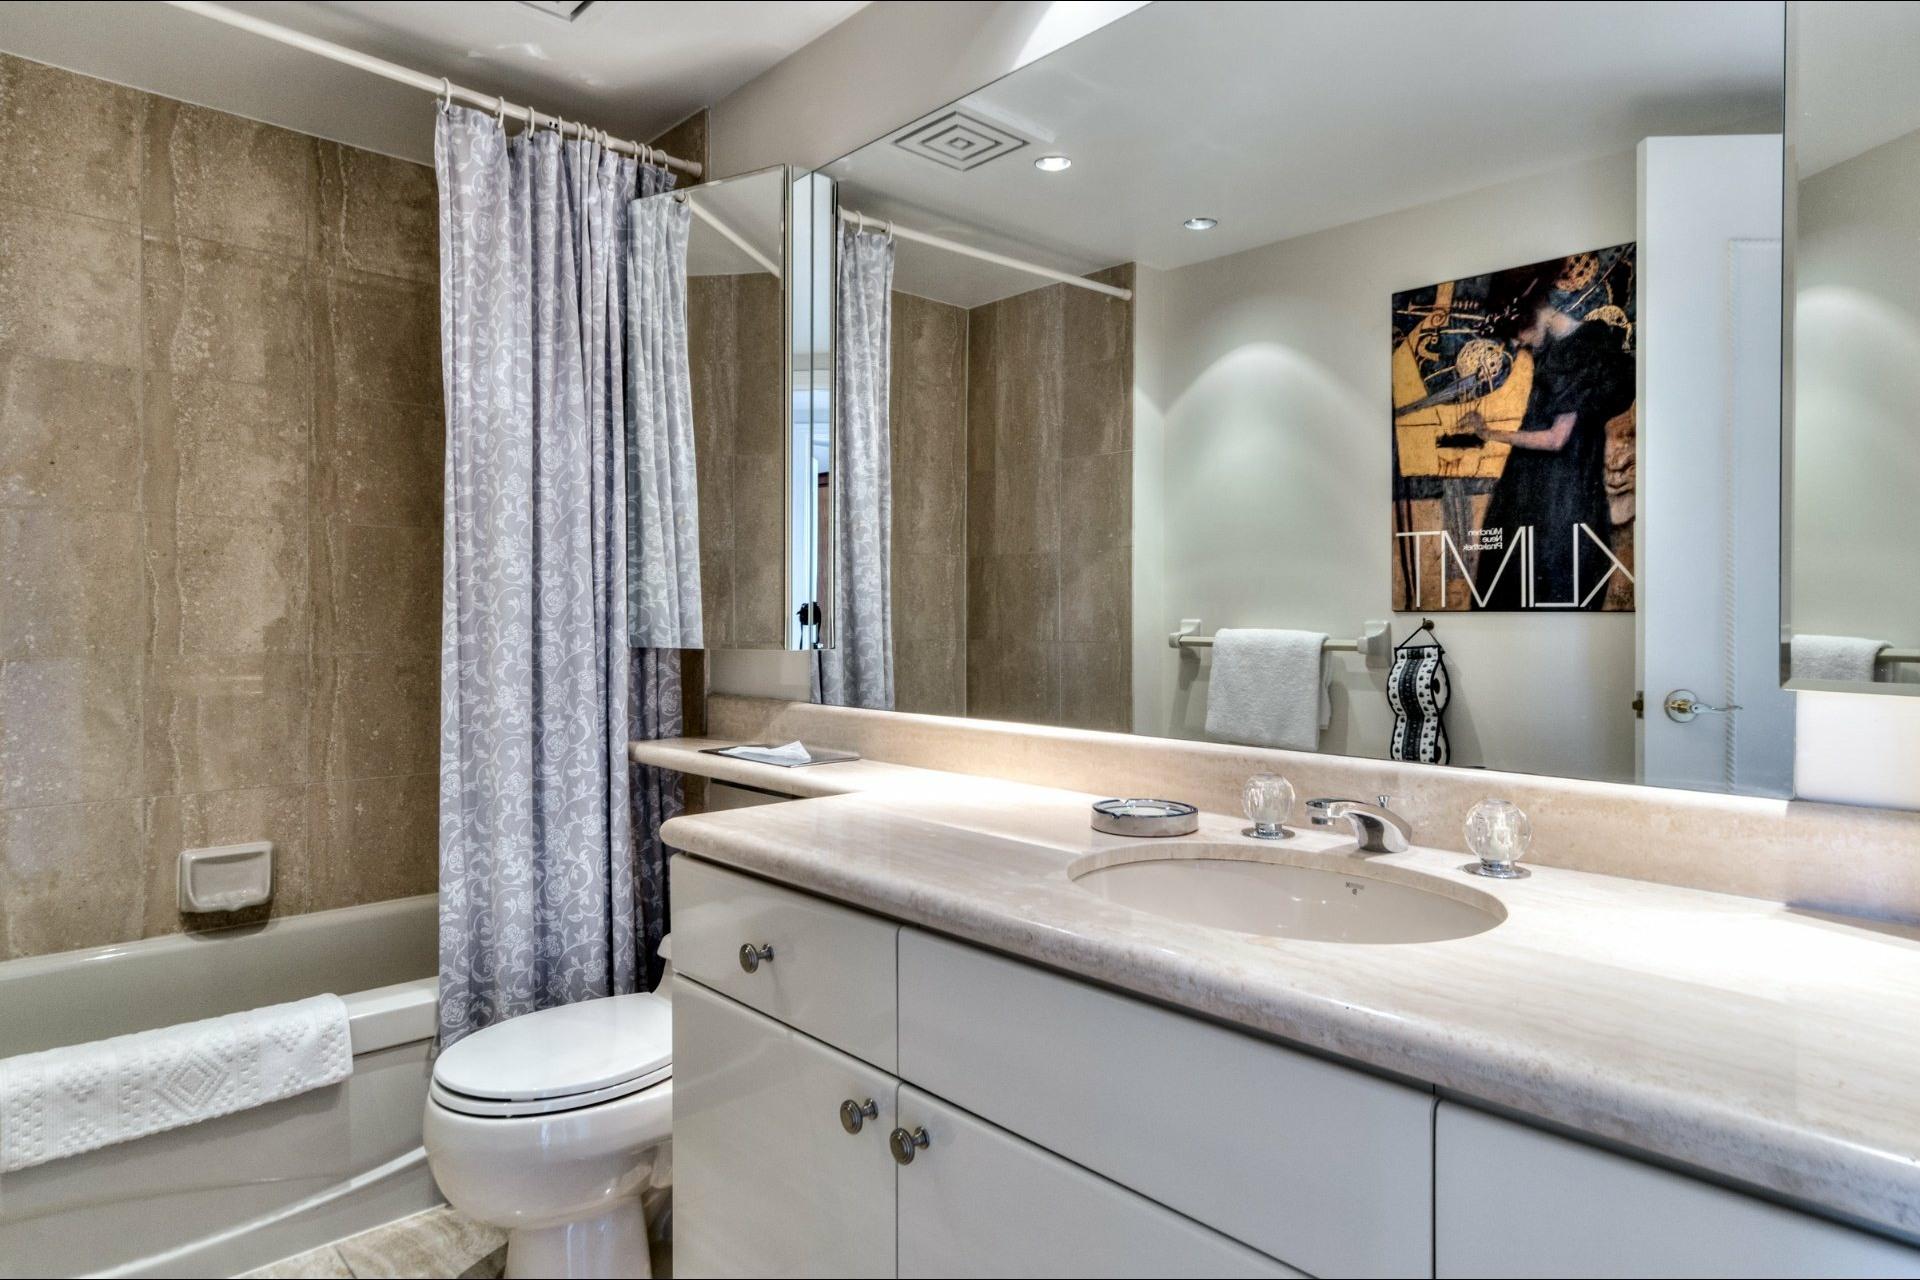 image 27 - Appartement À vendre Côte-des-Neiges/Notre-Dame-de-Grâce Montréal  - 12 pièces